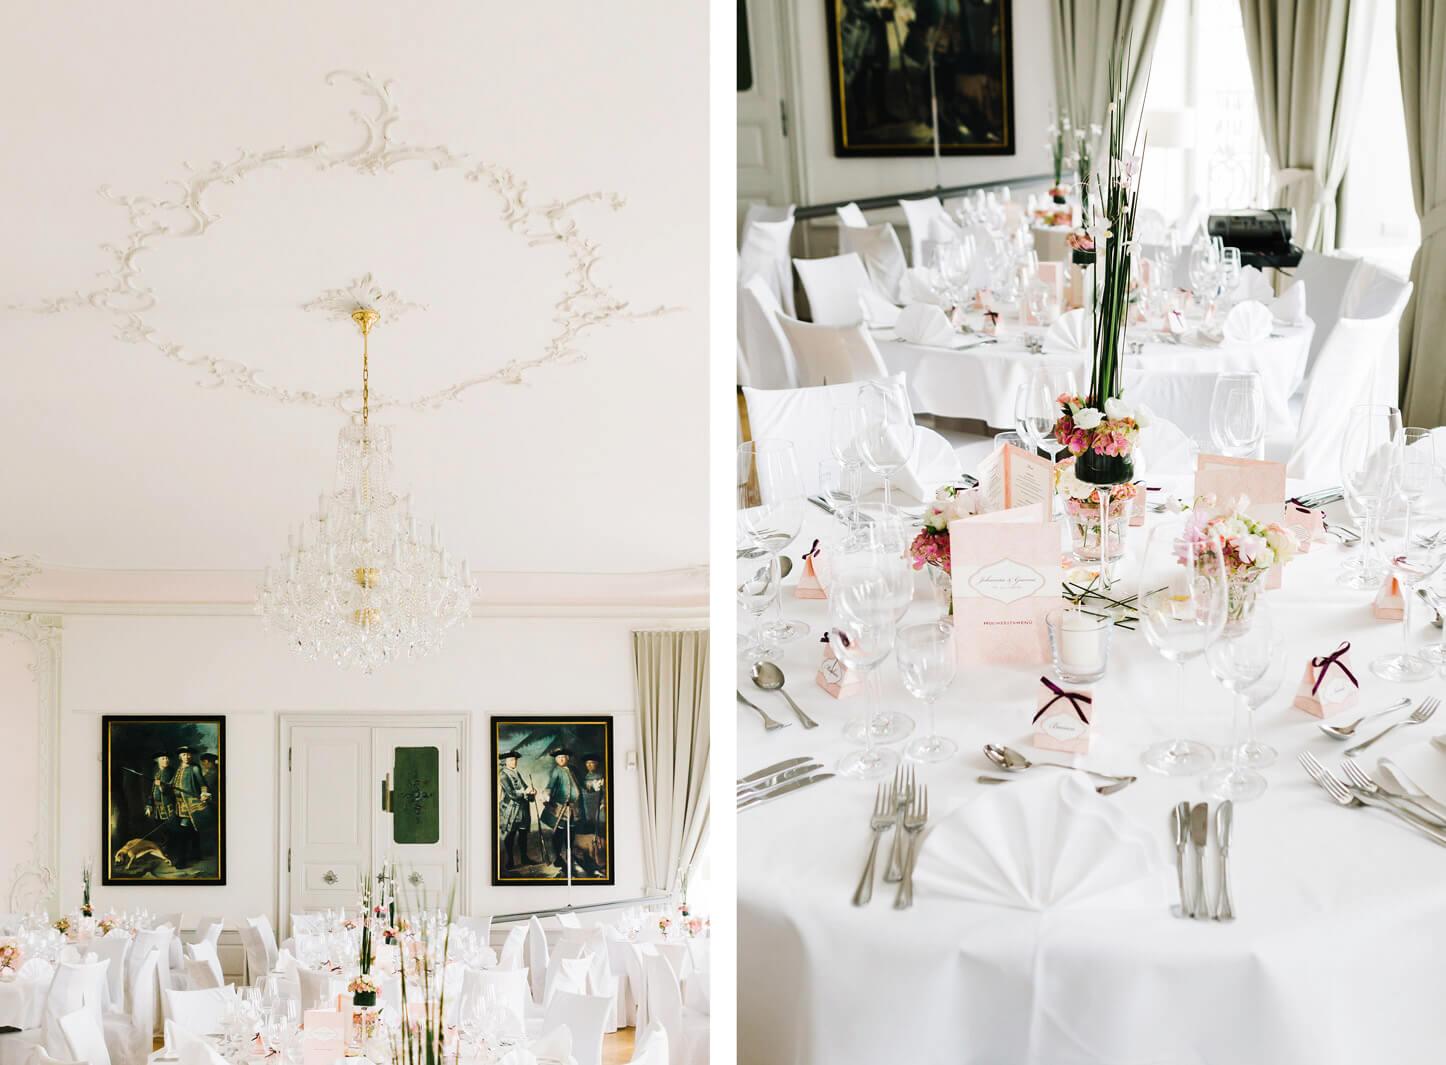 Romantische Tischdekoration zur Hochzeit